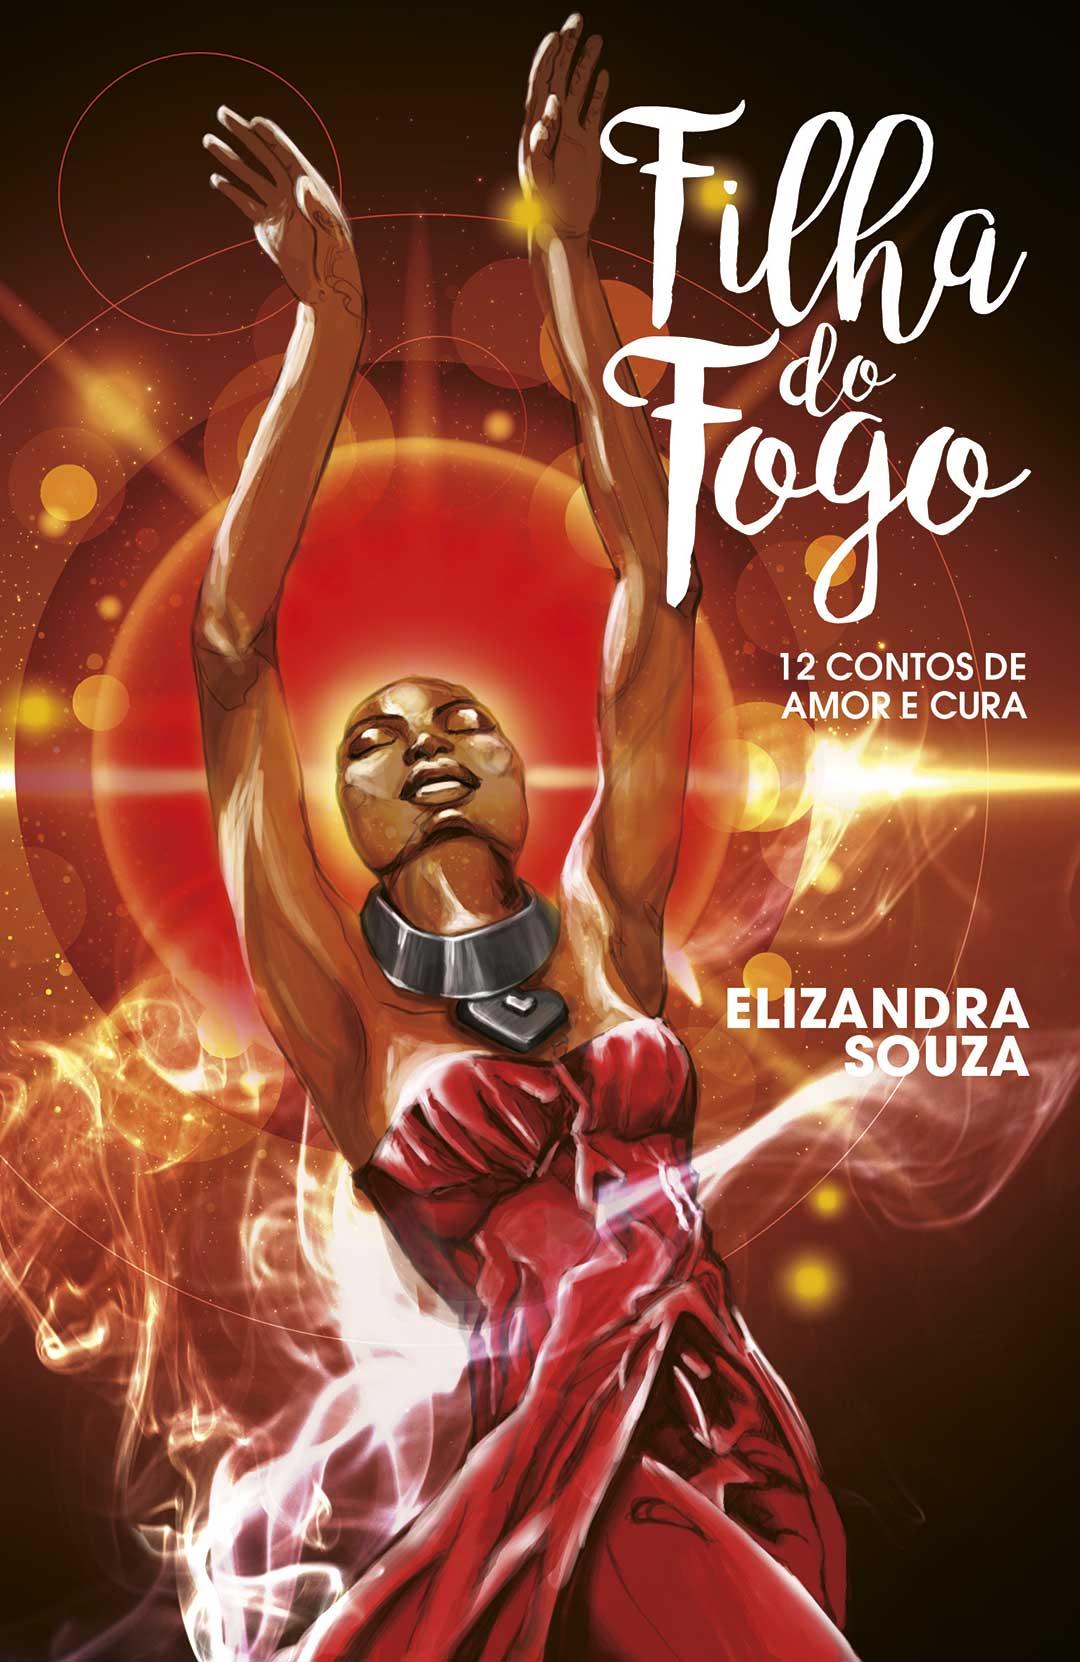 Filha do Fogo - 12 Contos de Amor e Cura - Elizandra Souza  - LiteraRUA